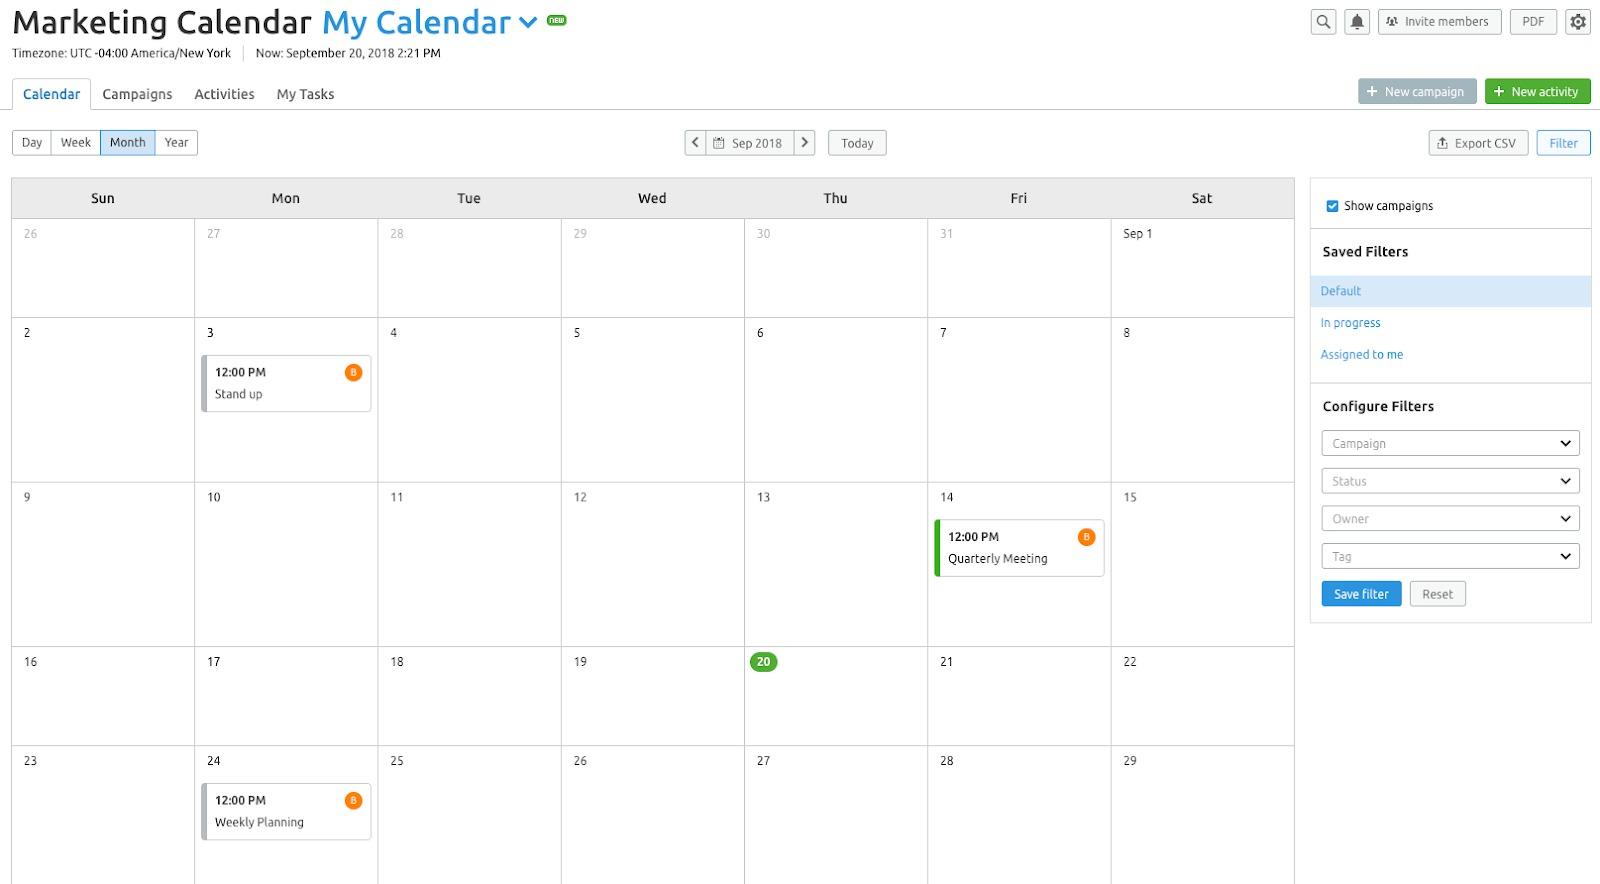 マーケティングカレンダー image 1